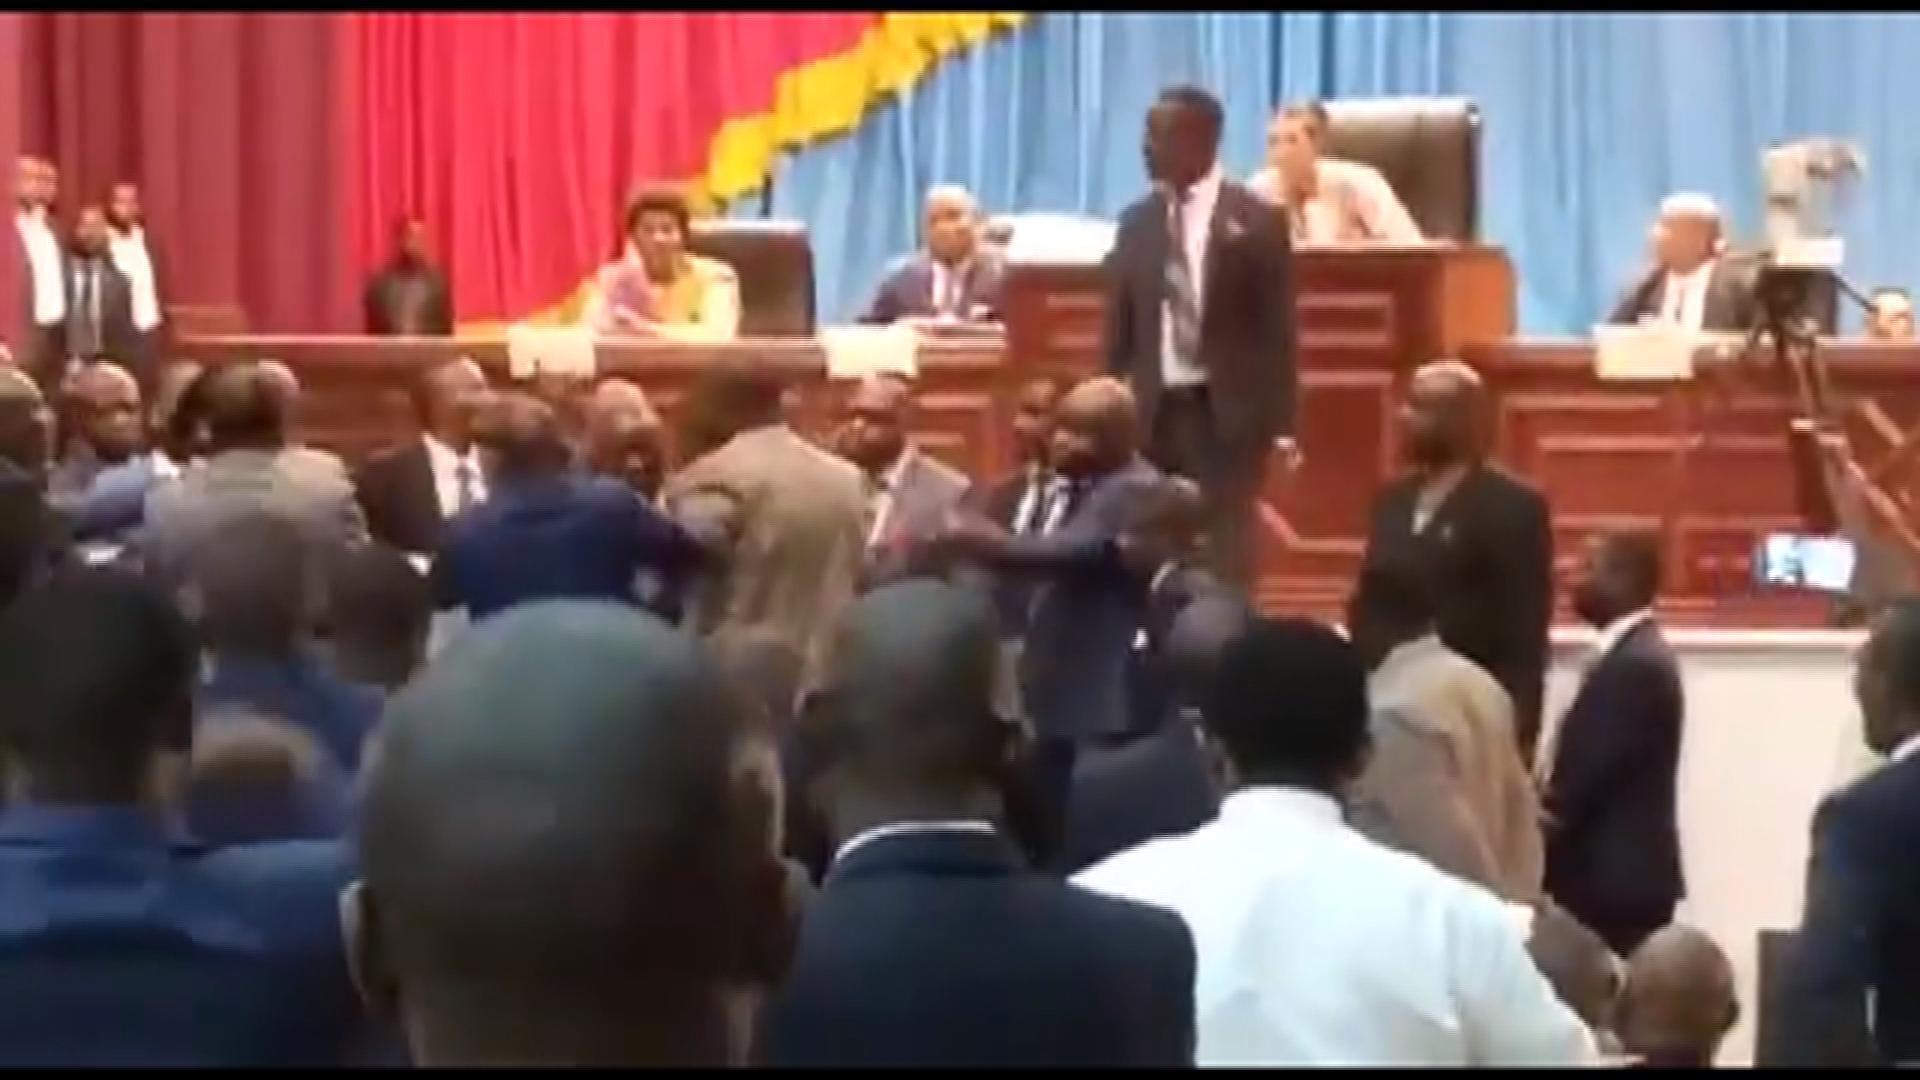 Bagarre entre députés à l'Assemblée nationale de RD Congo.